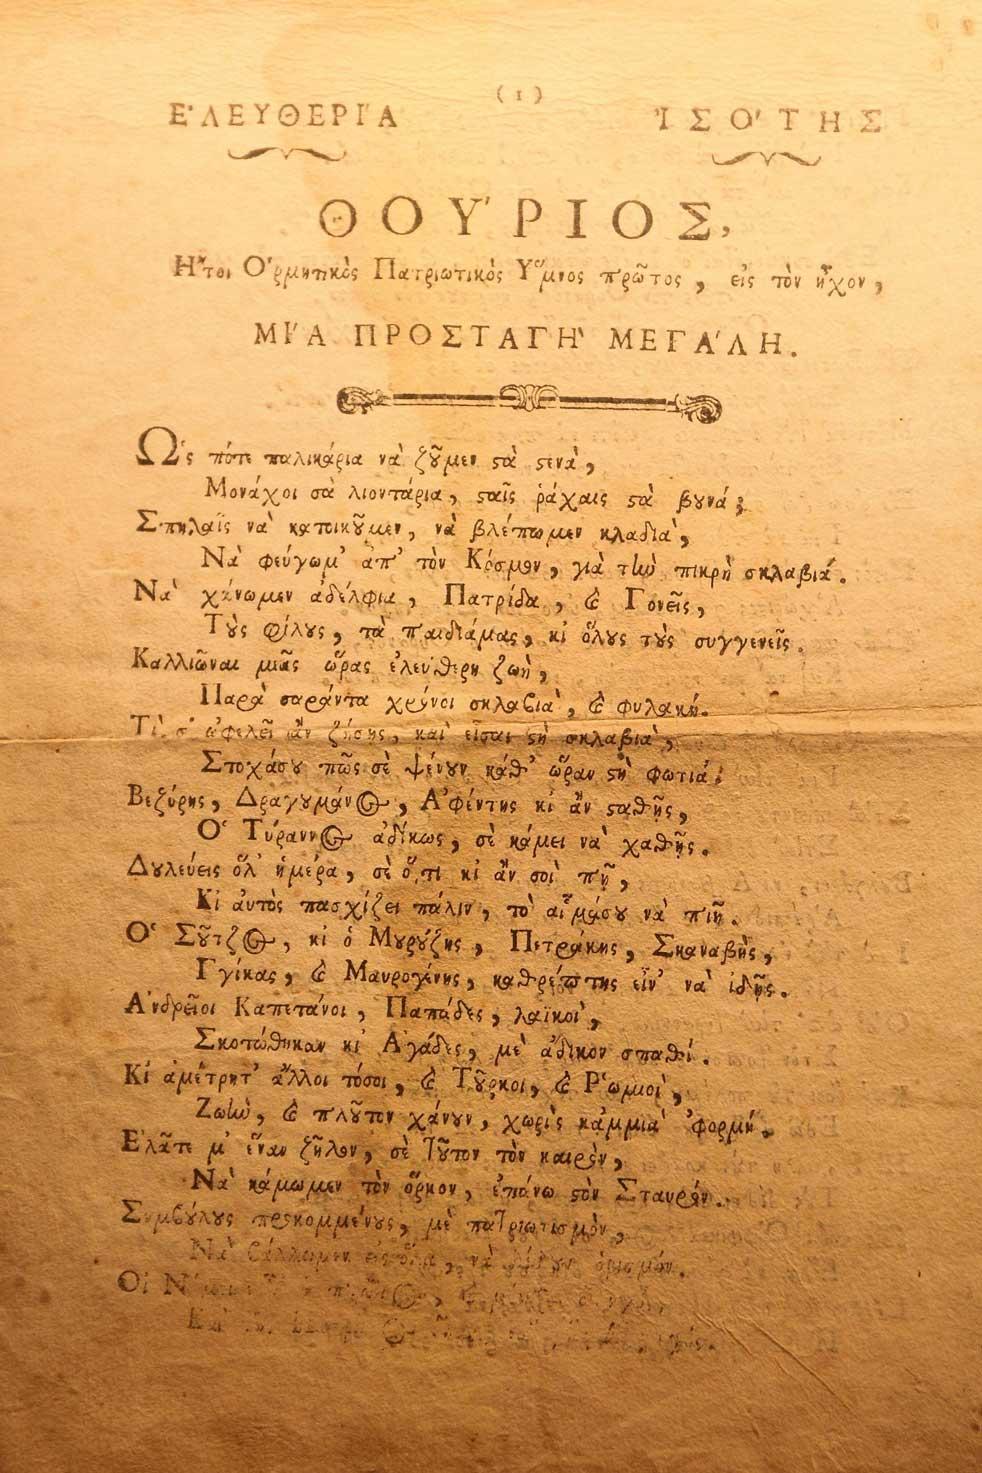 Φυλλάδιο του Θούριου από το 1798, Βιβλιοθήκη Ακαδημίας Αθηνών